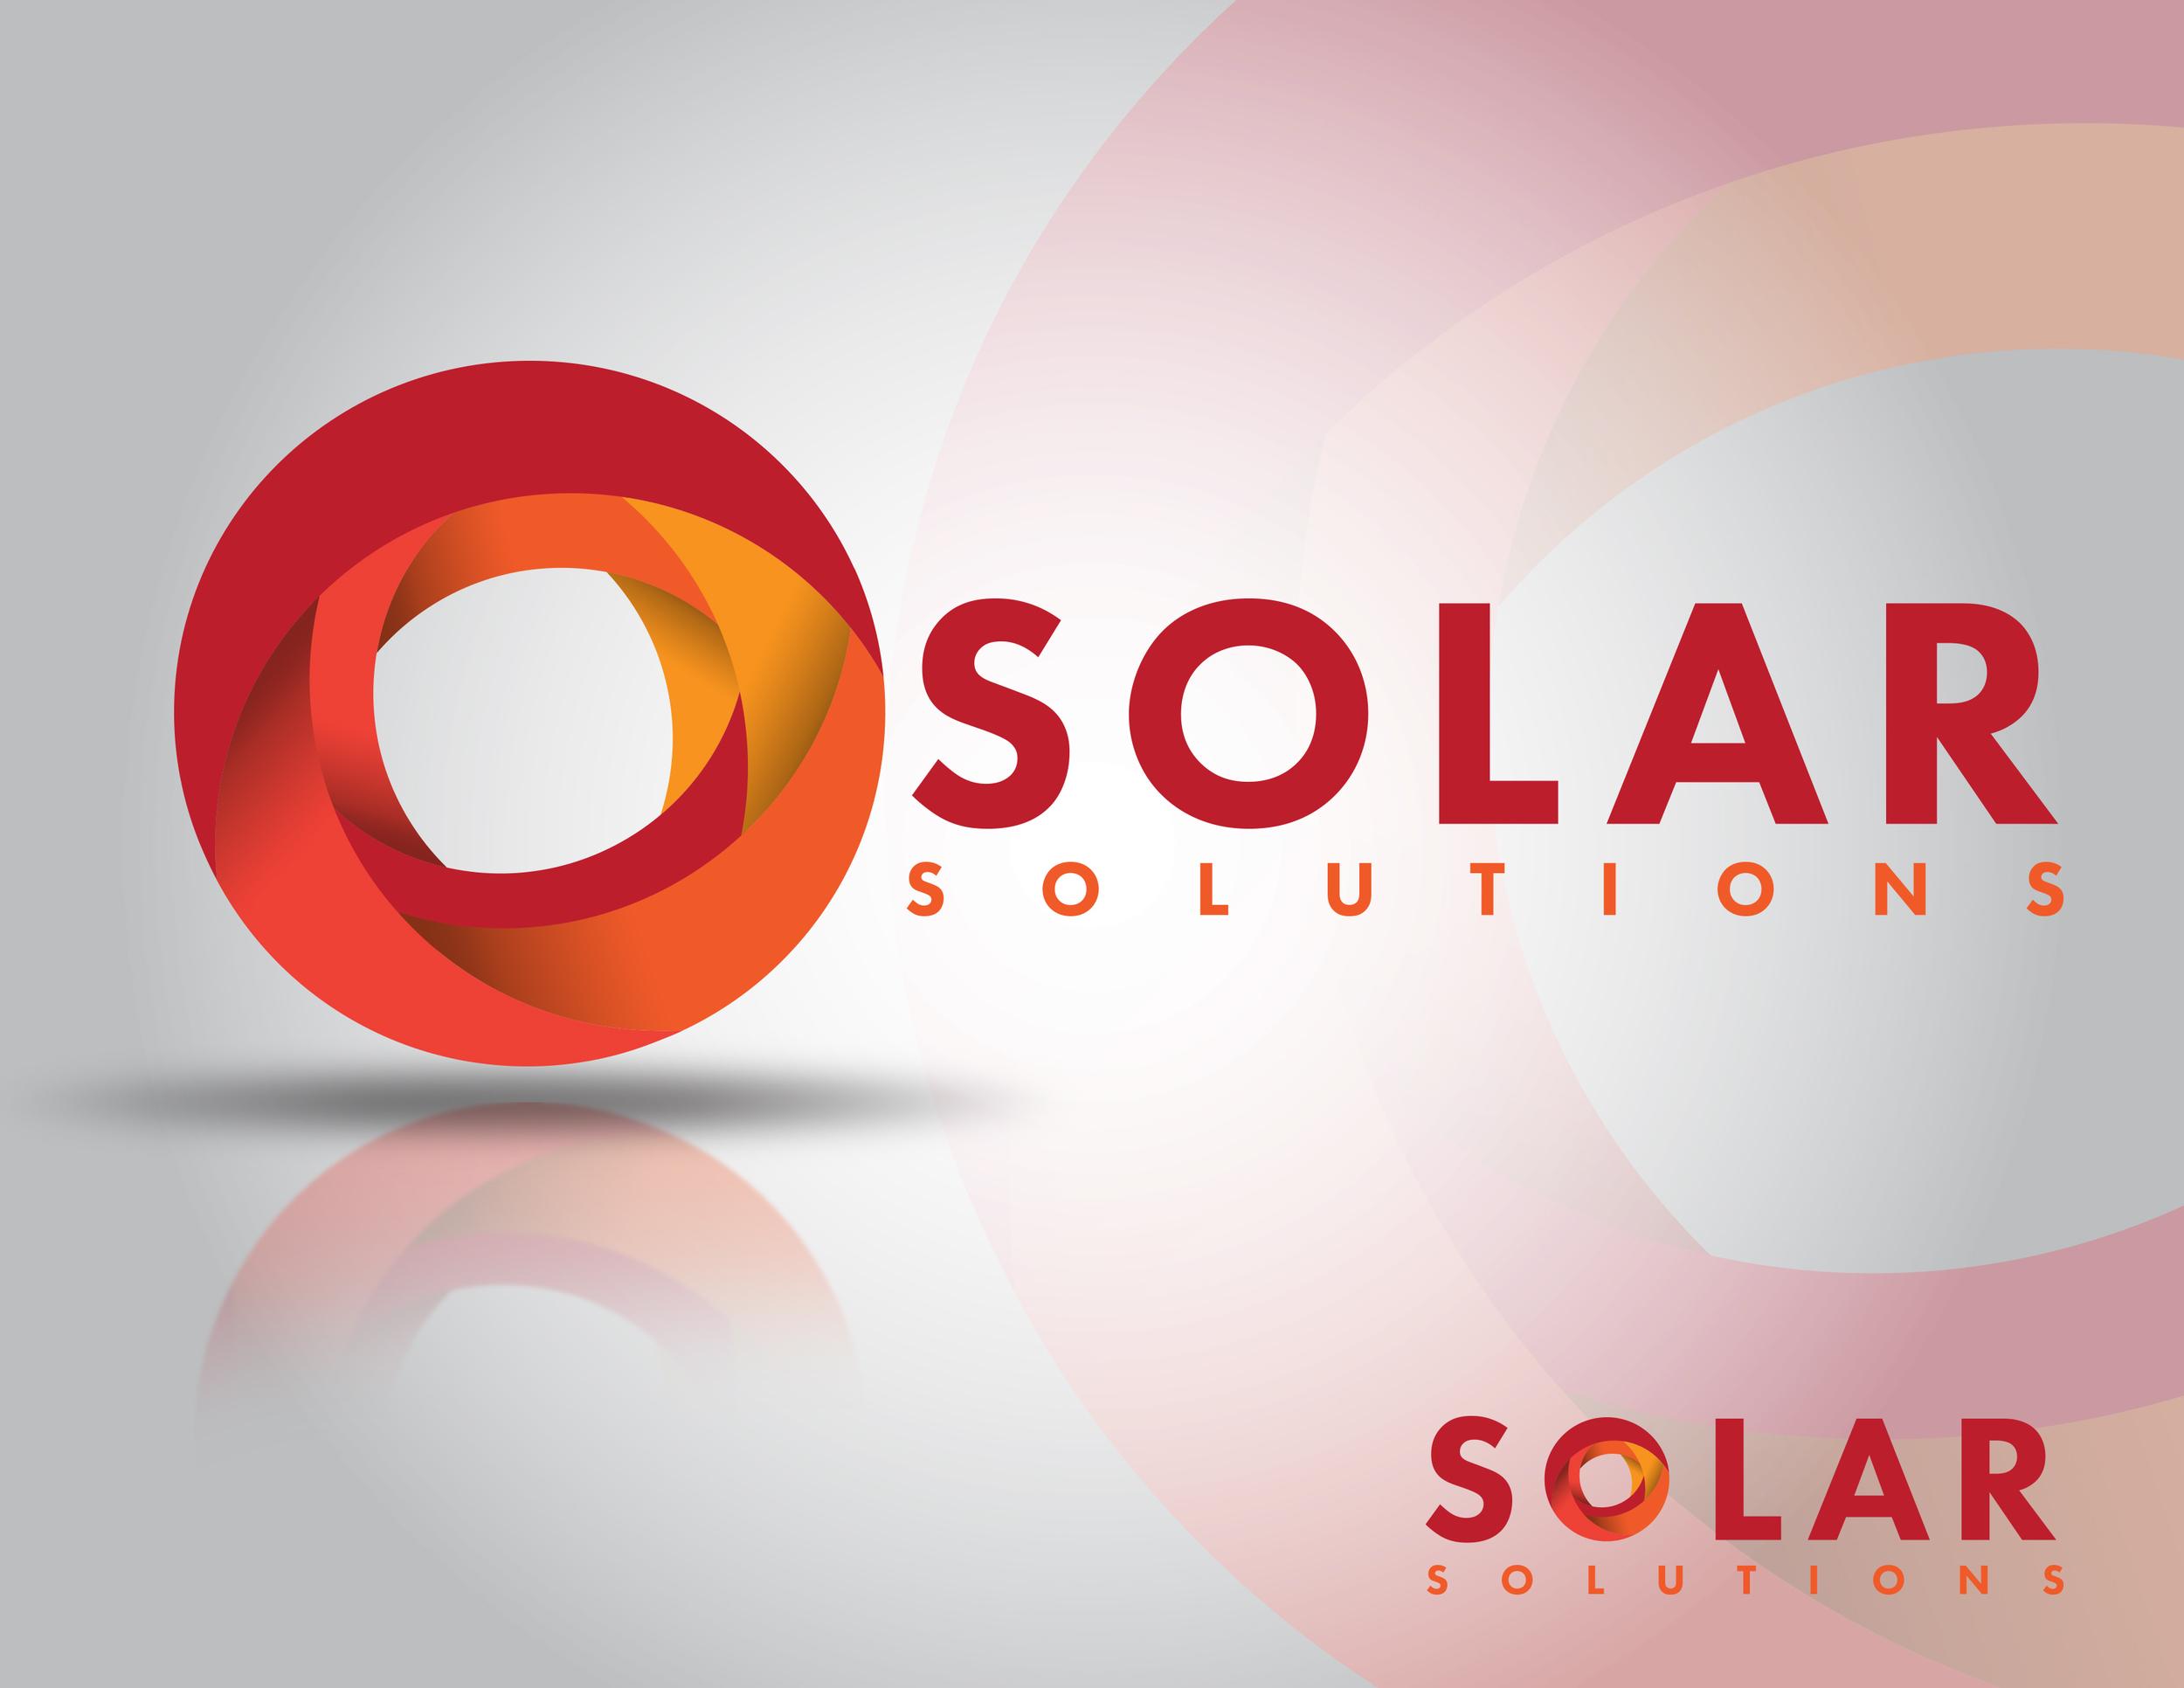 SolarSolutionsLO.jpg